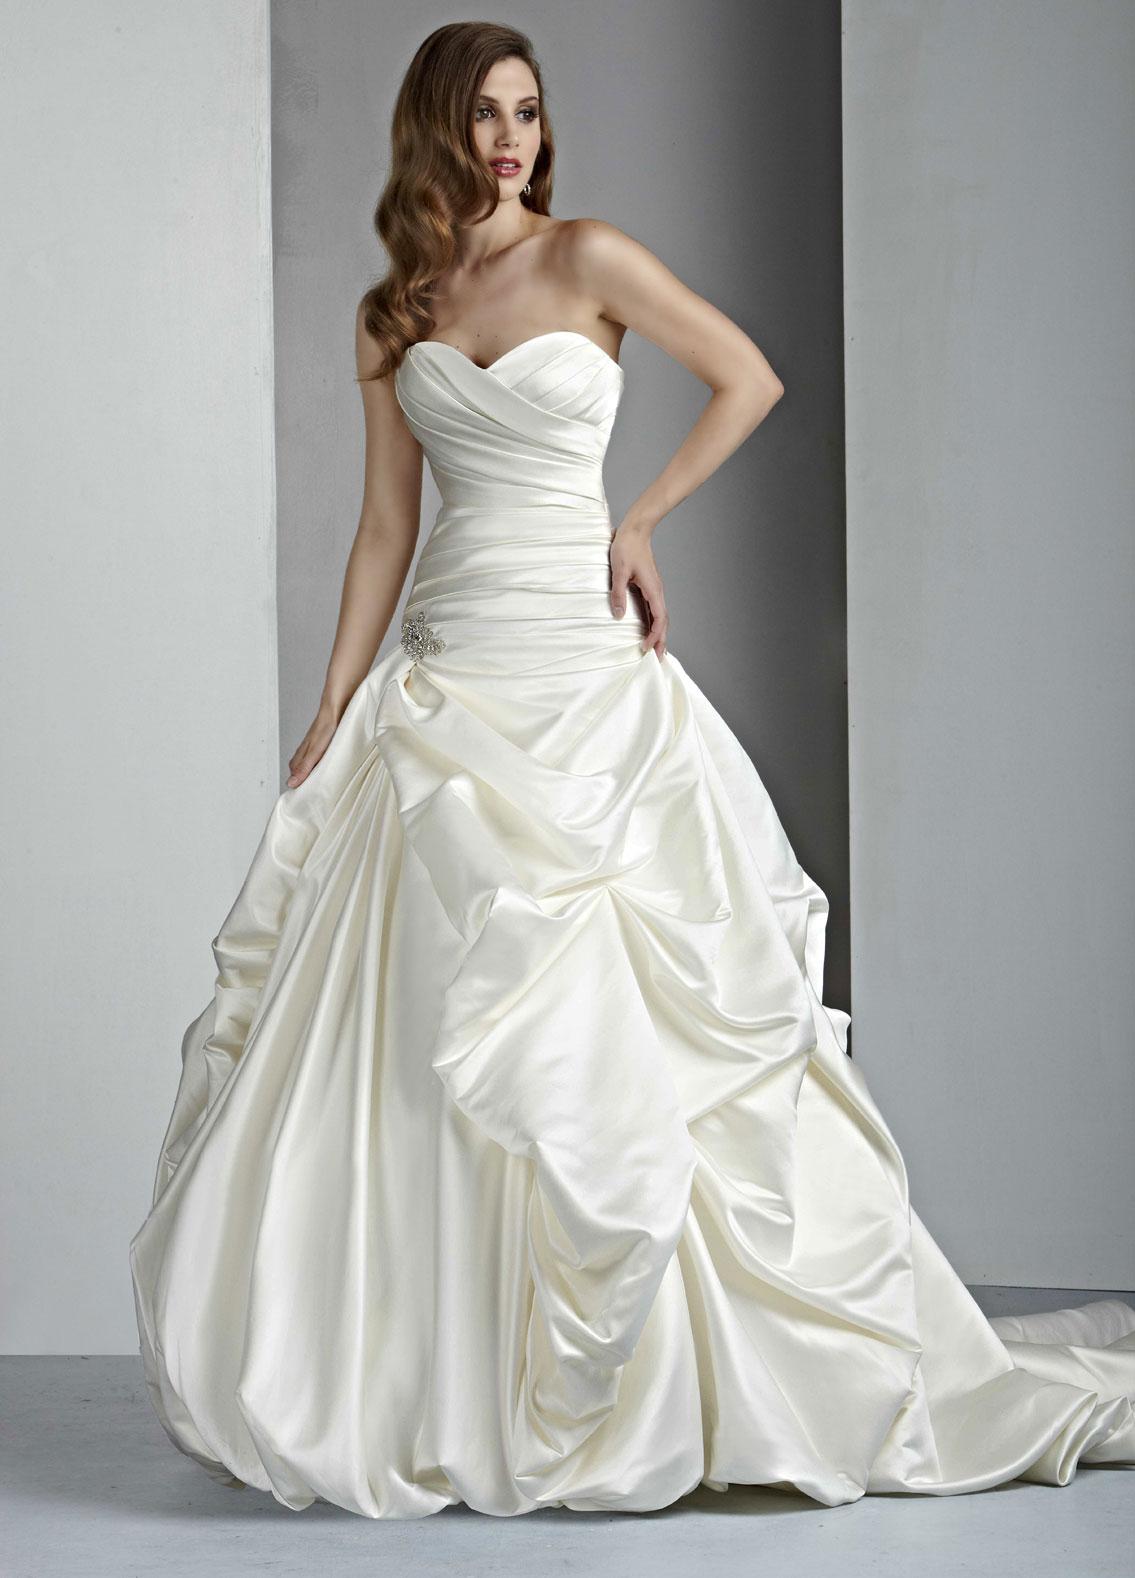 Ruffled Wedding Dresses Style #50004